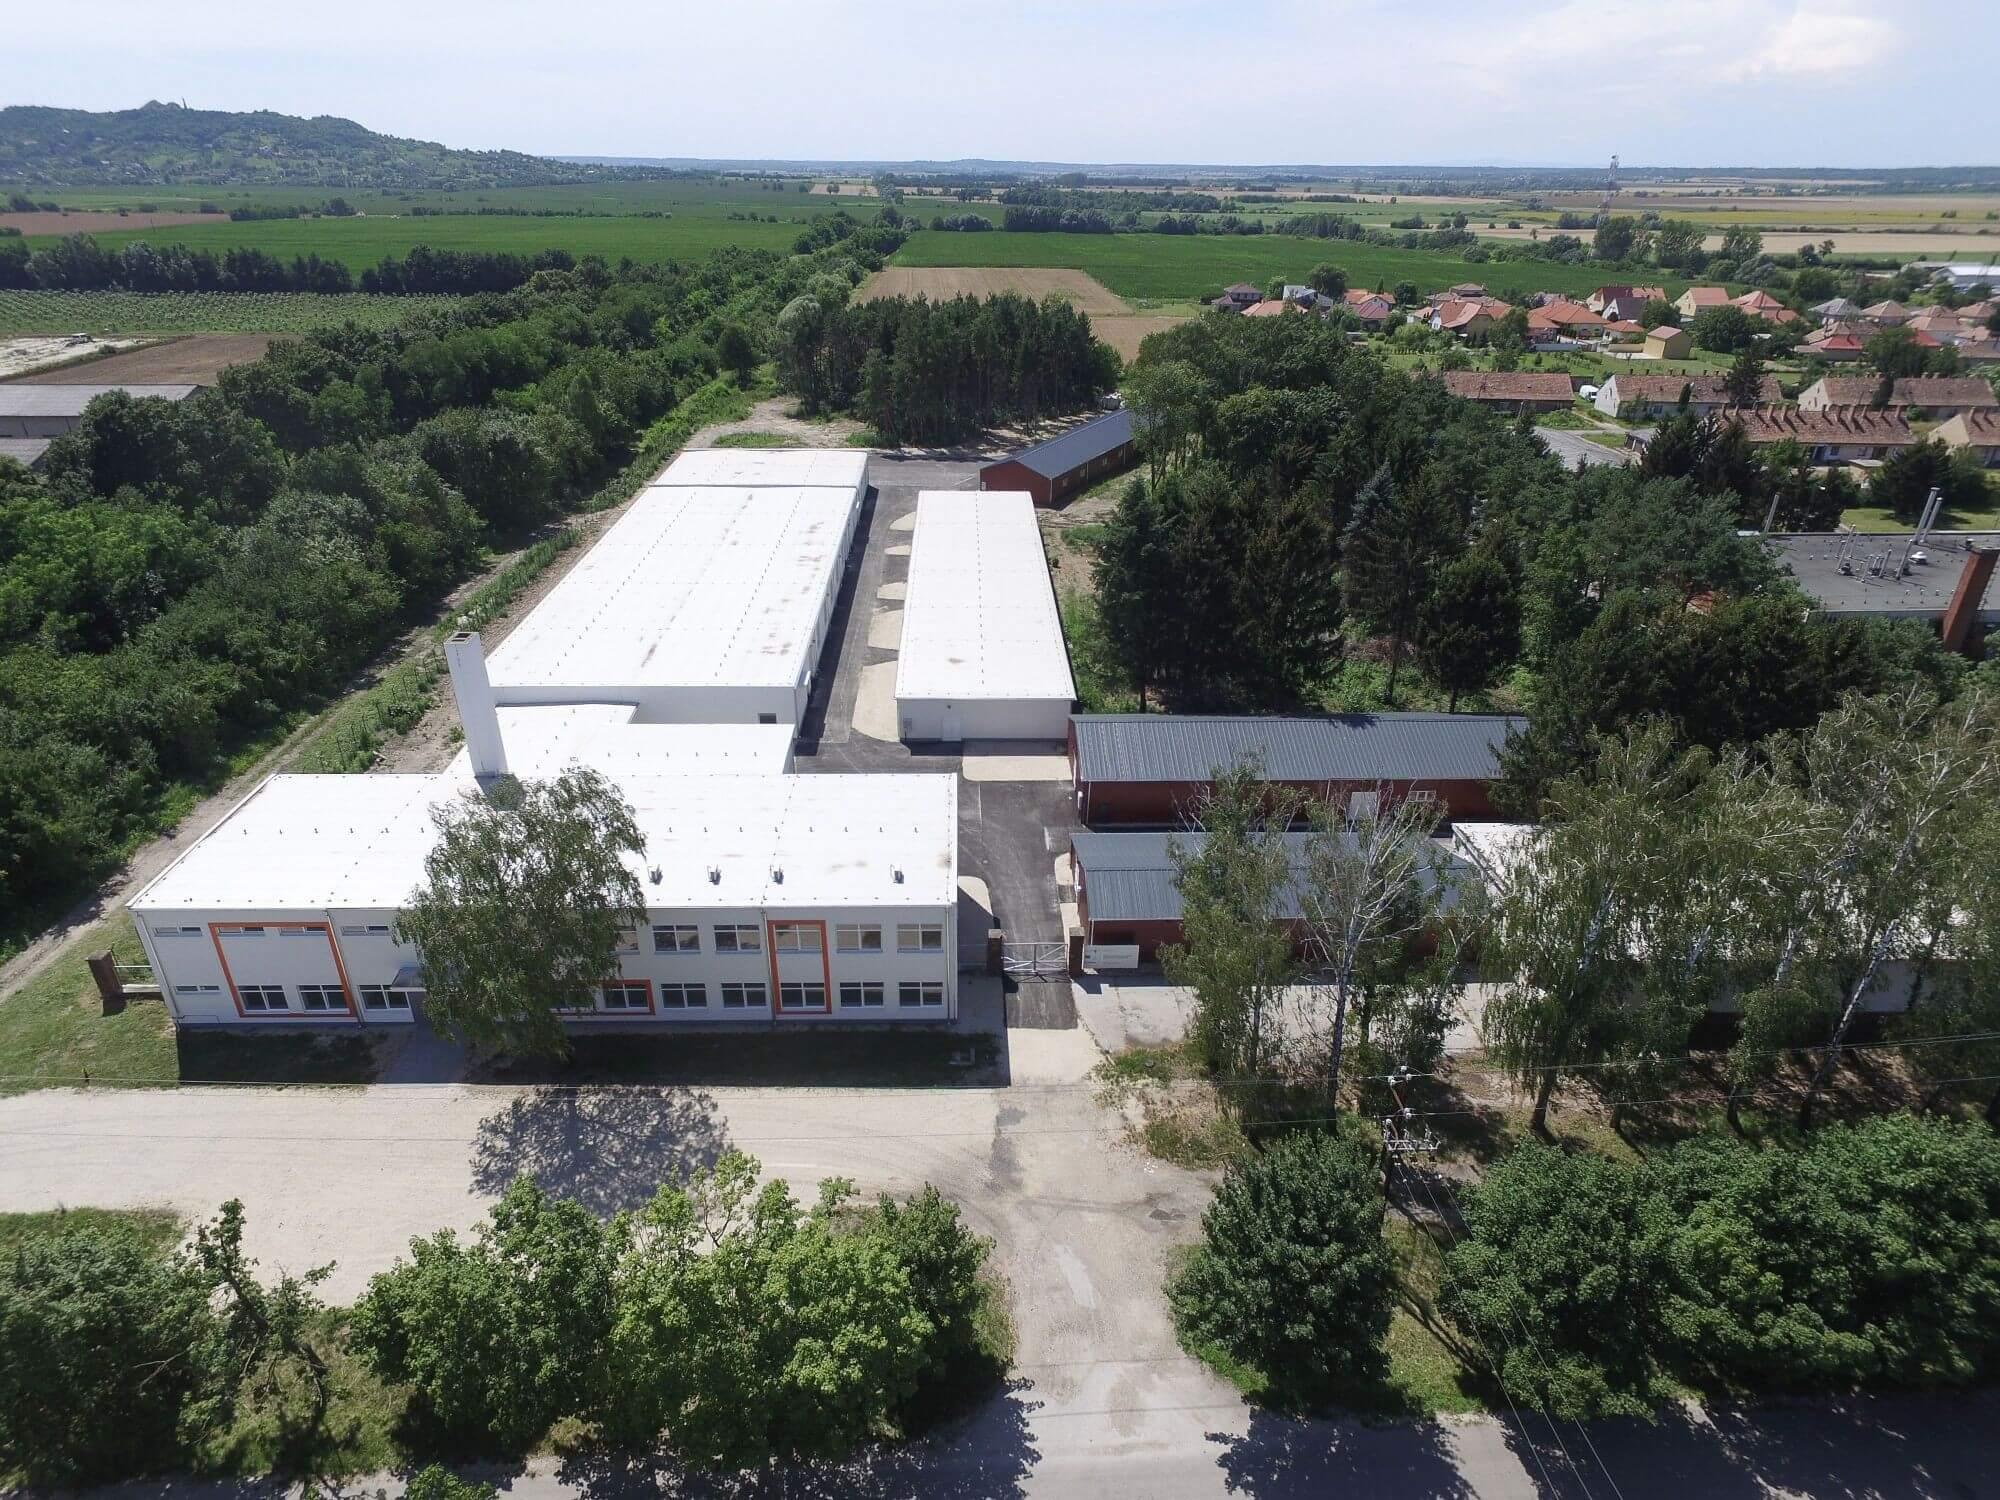 Agrárfejlesztéssel rajtol el Bátaszék új ipari parkja